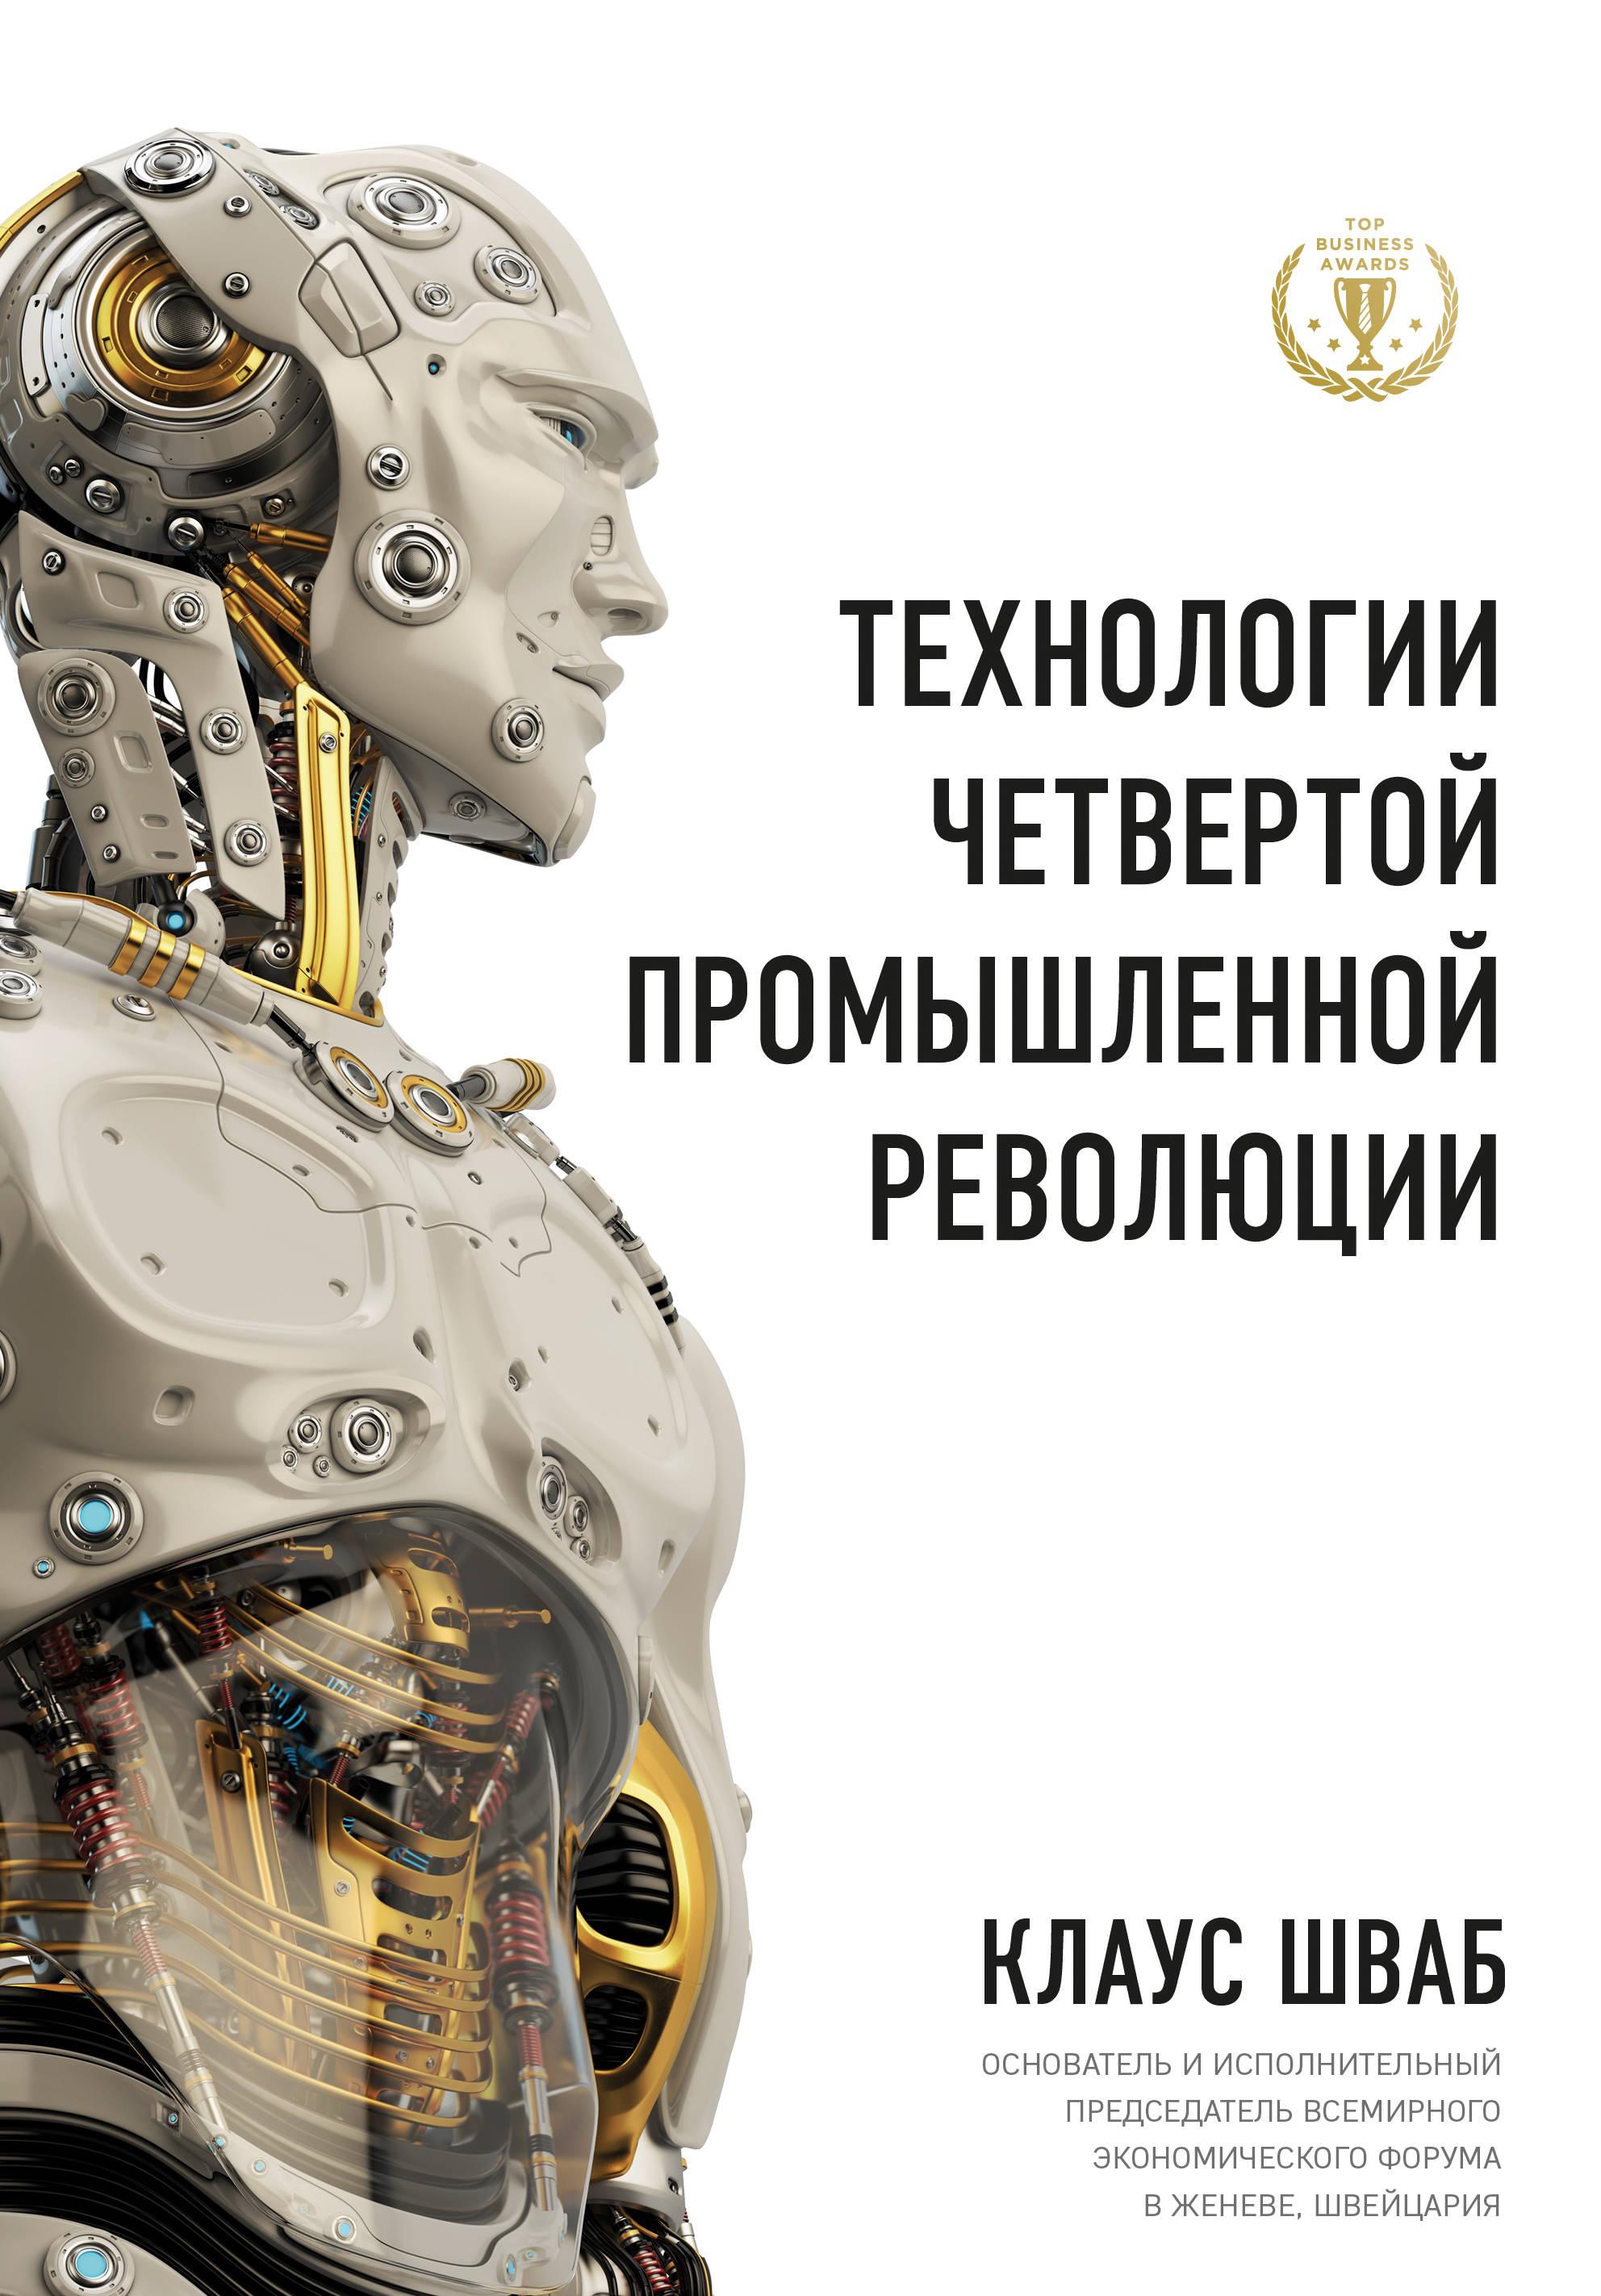 Технологии Четвертой промышленной революции